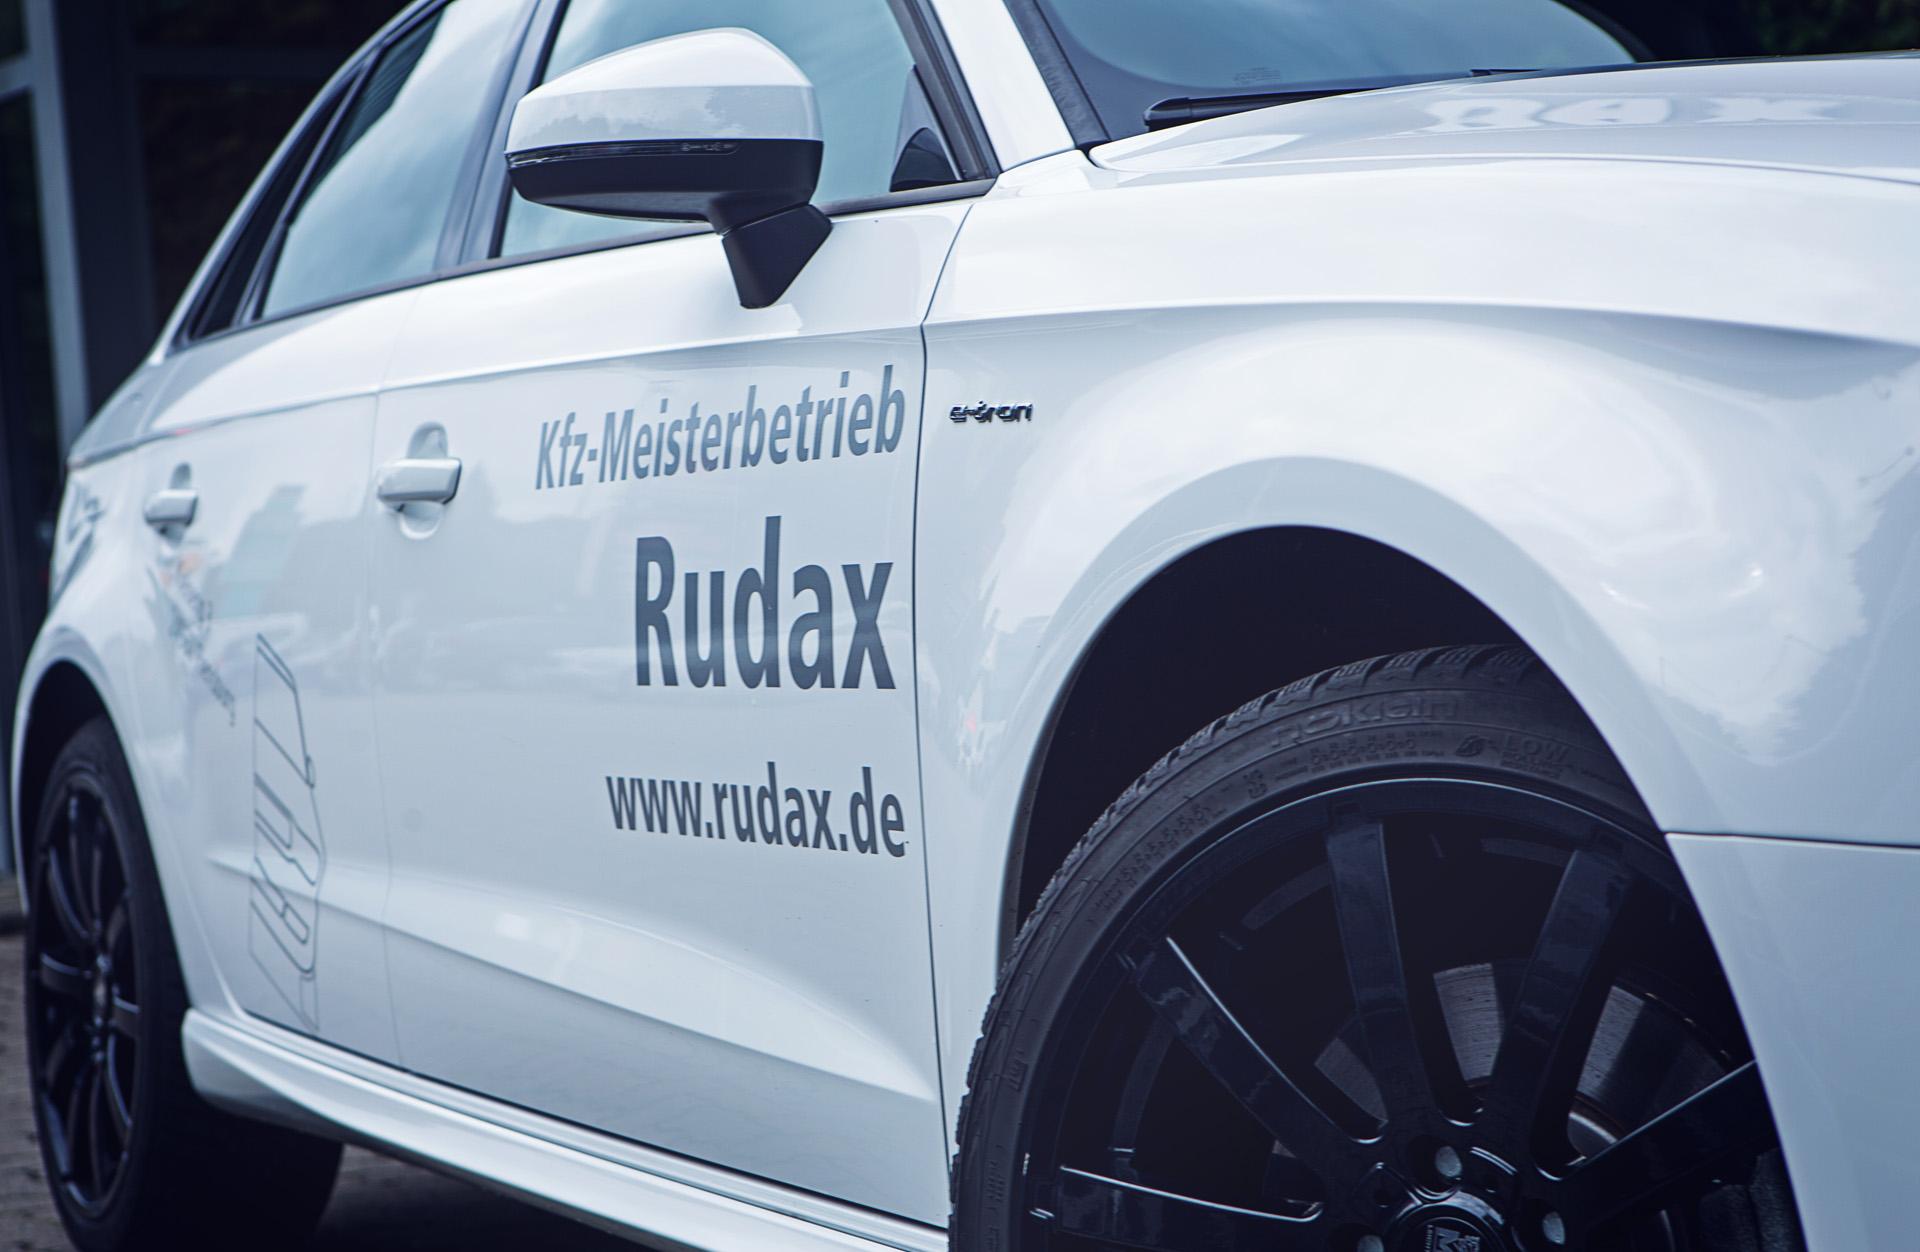 Rudax Mietwagen Nahaufnahme